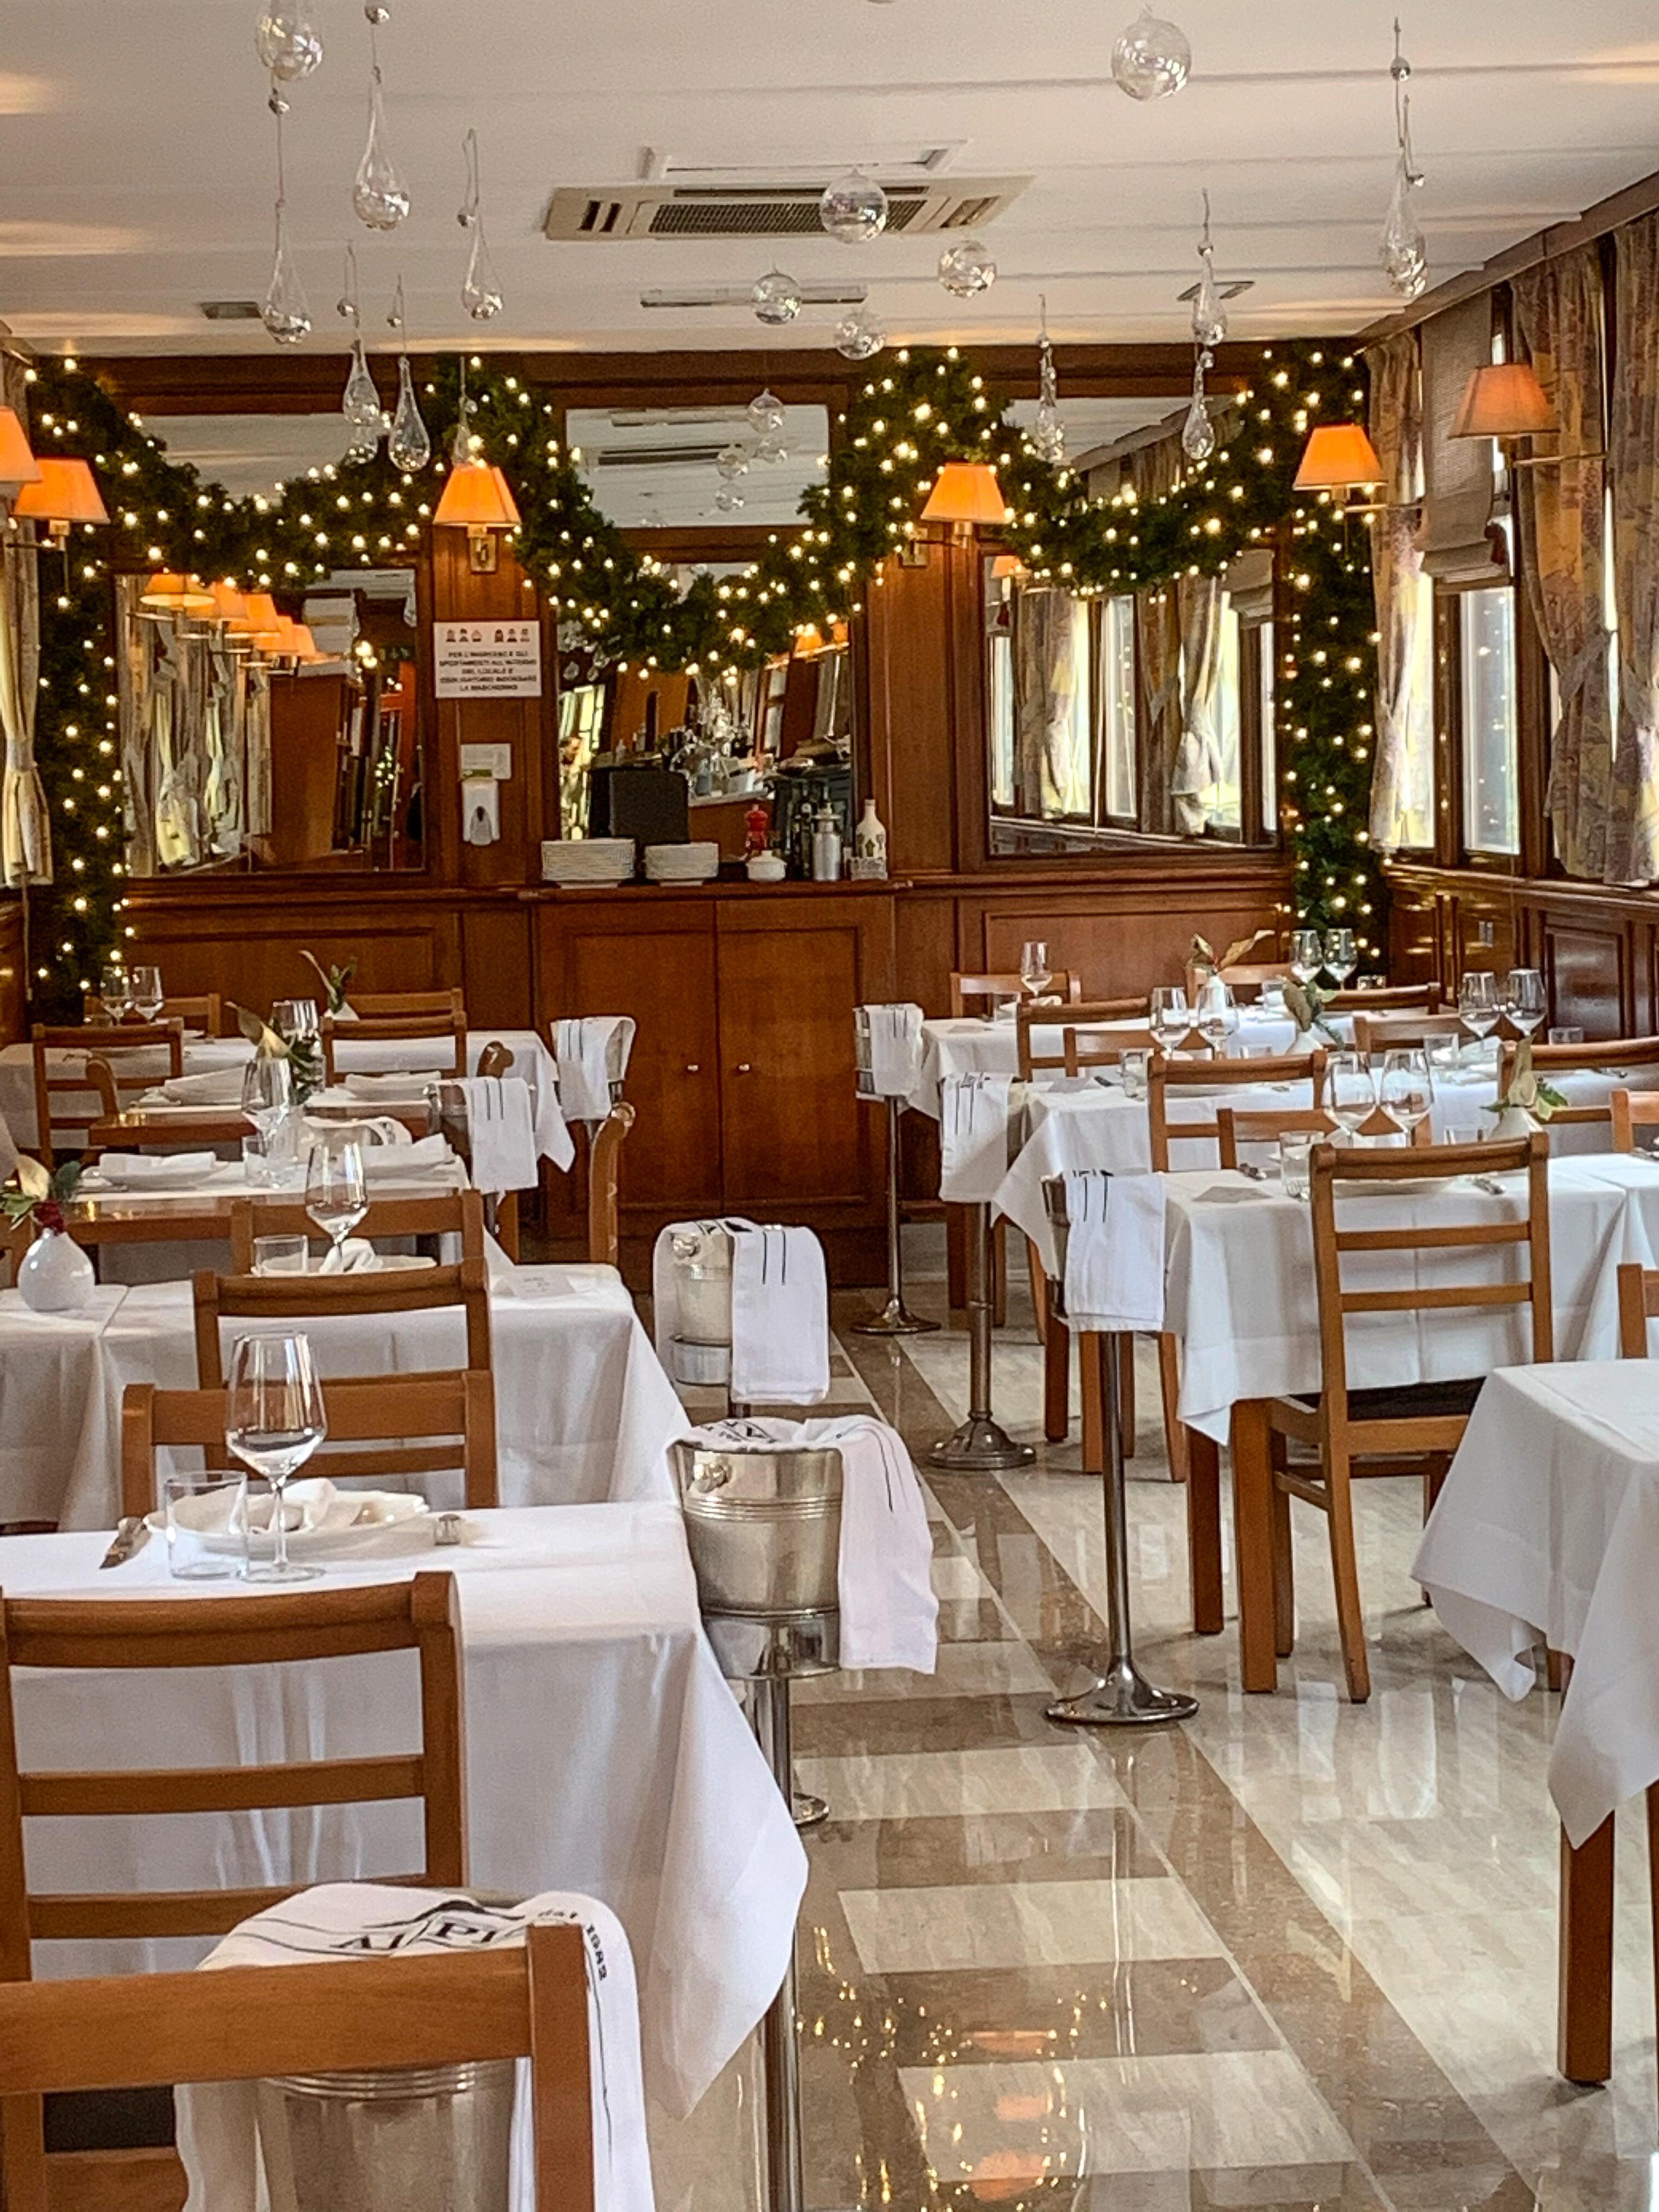 aipiani_ristorante_pesce_take_away_delivery_apertura_orari_covid_parioli_roma_nord_fish_migliore_romantic_best_restaurant_quadro